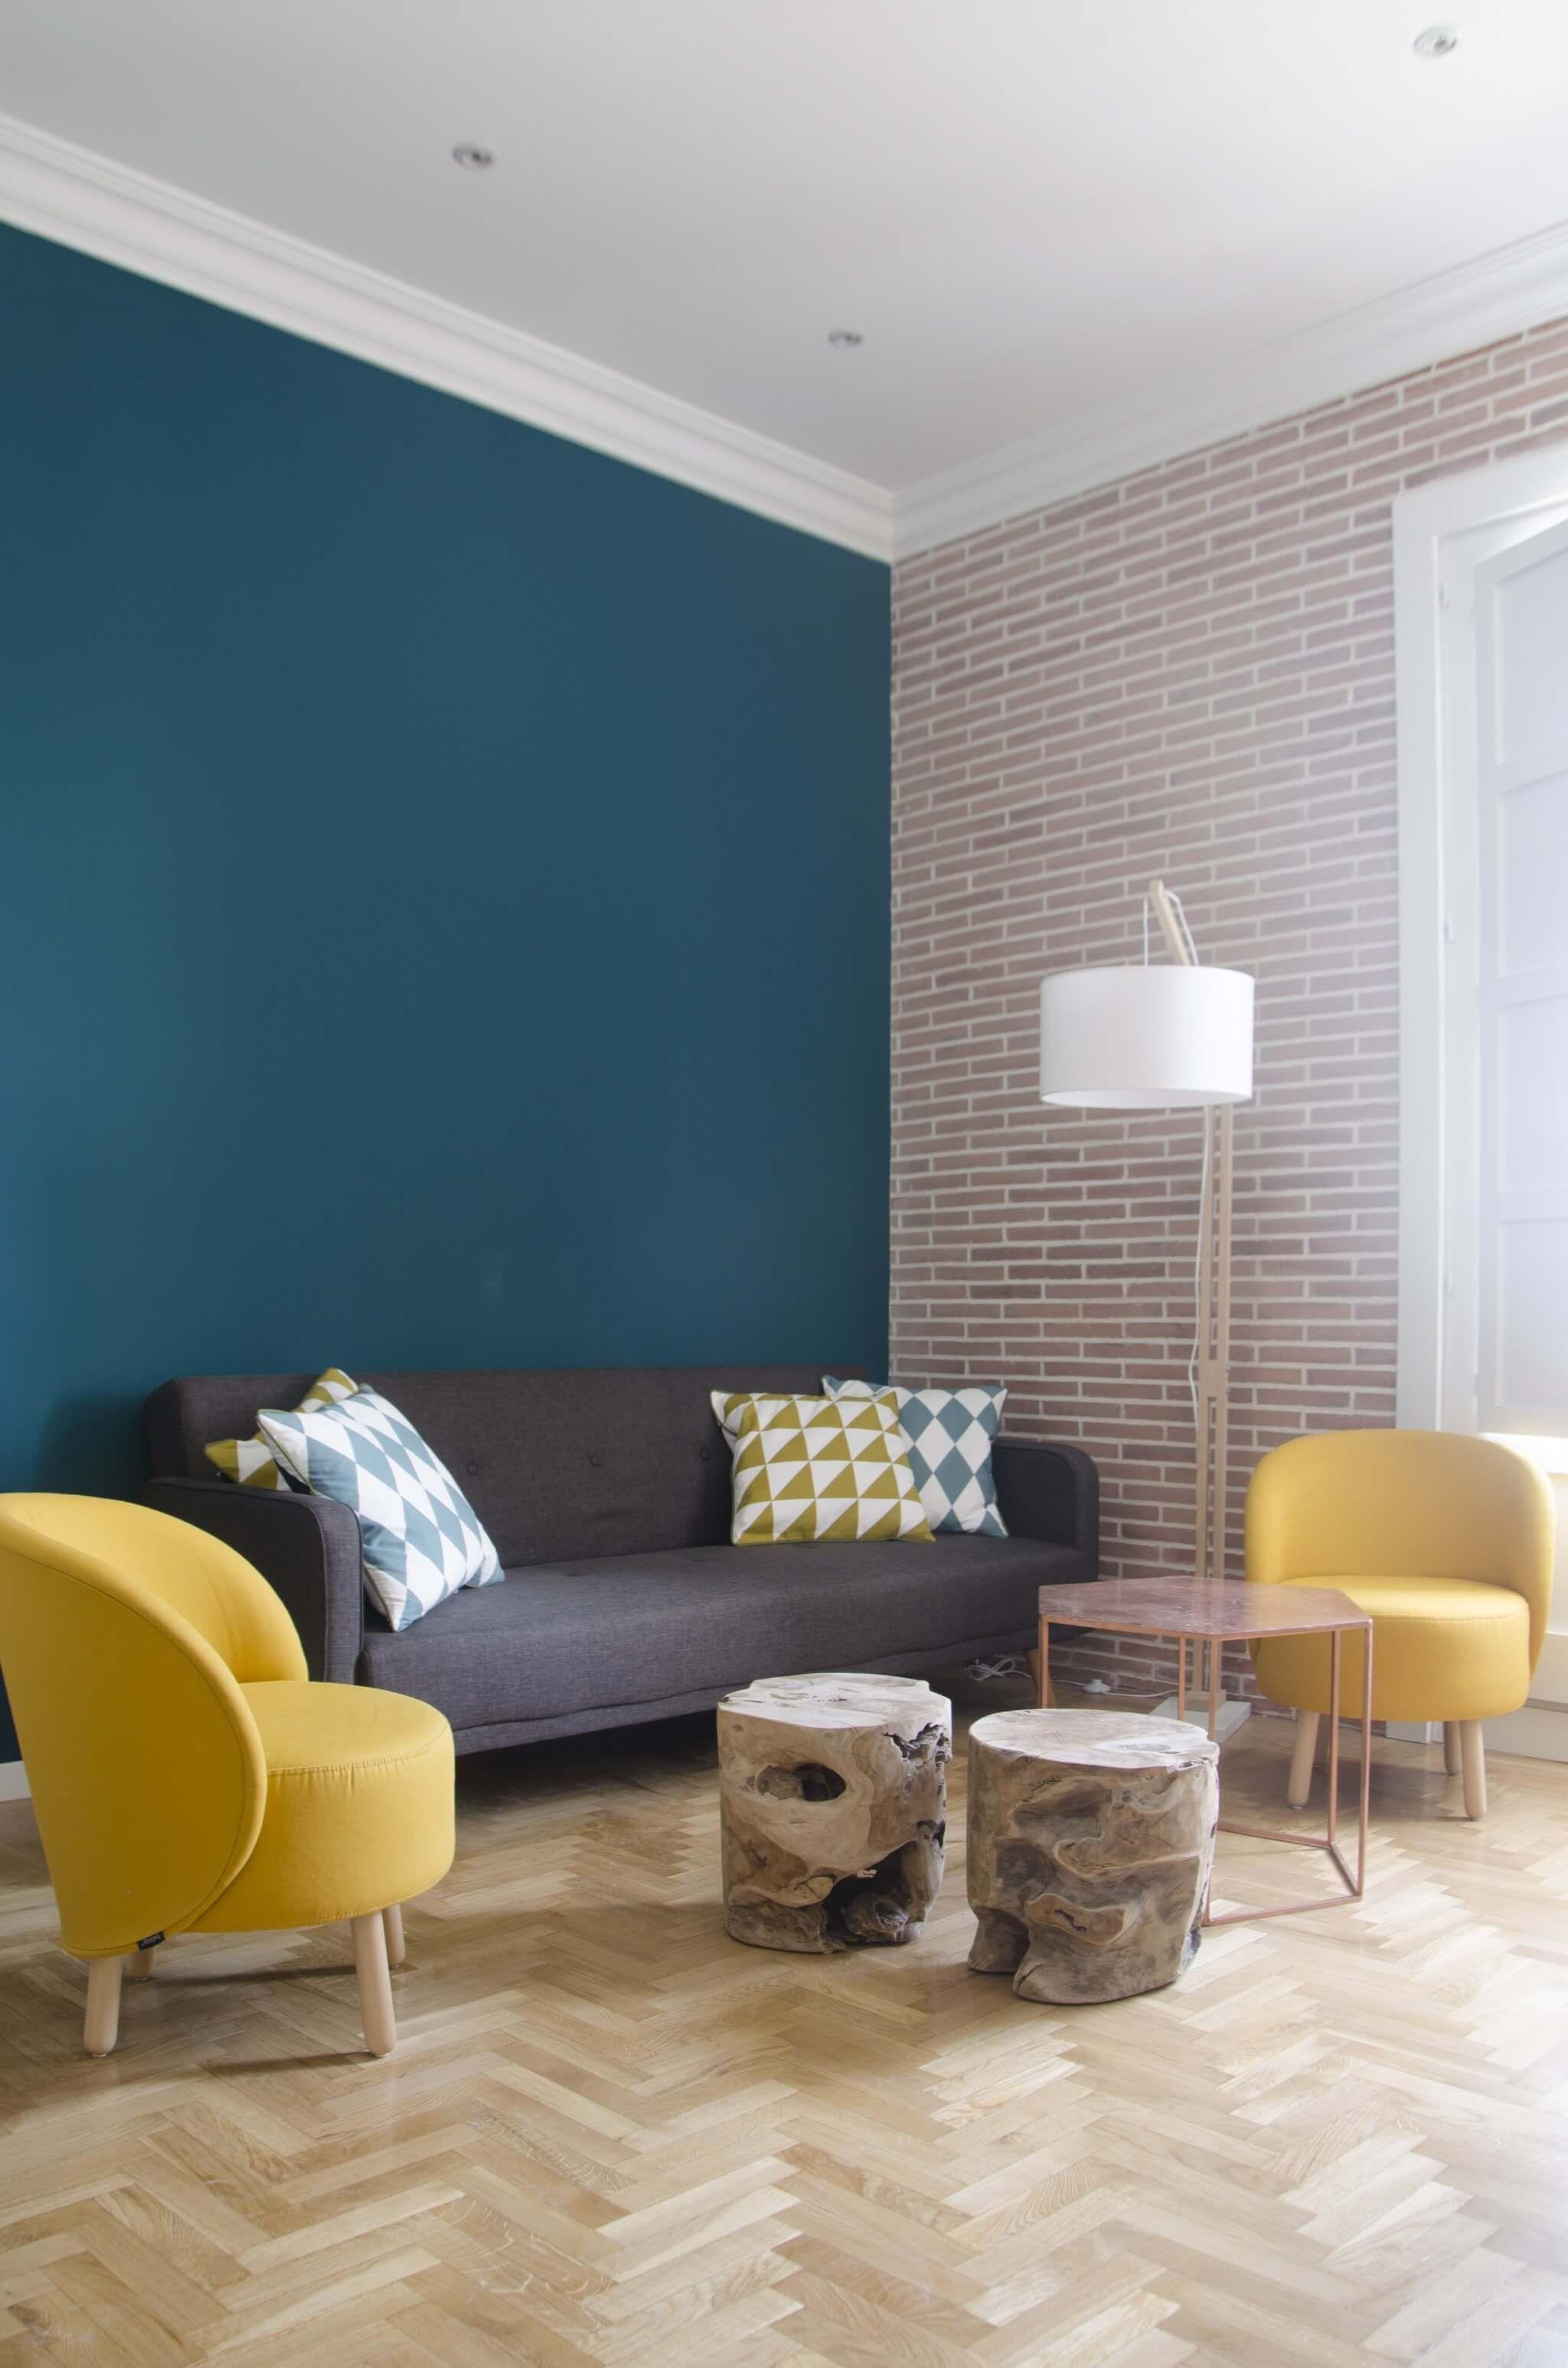 Estar Con Pared Del Estar En Color Azul Pato Y Fachada Recuperada De Ladrill Diseño De Interiores Salas Decoracion De Interiores Salas Decoracion De Interiores